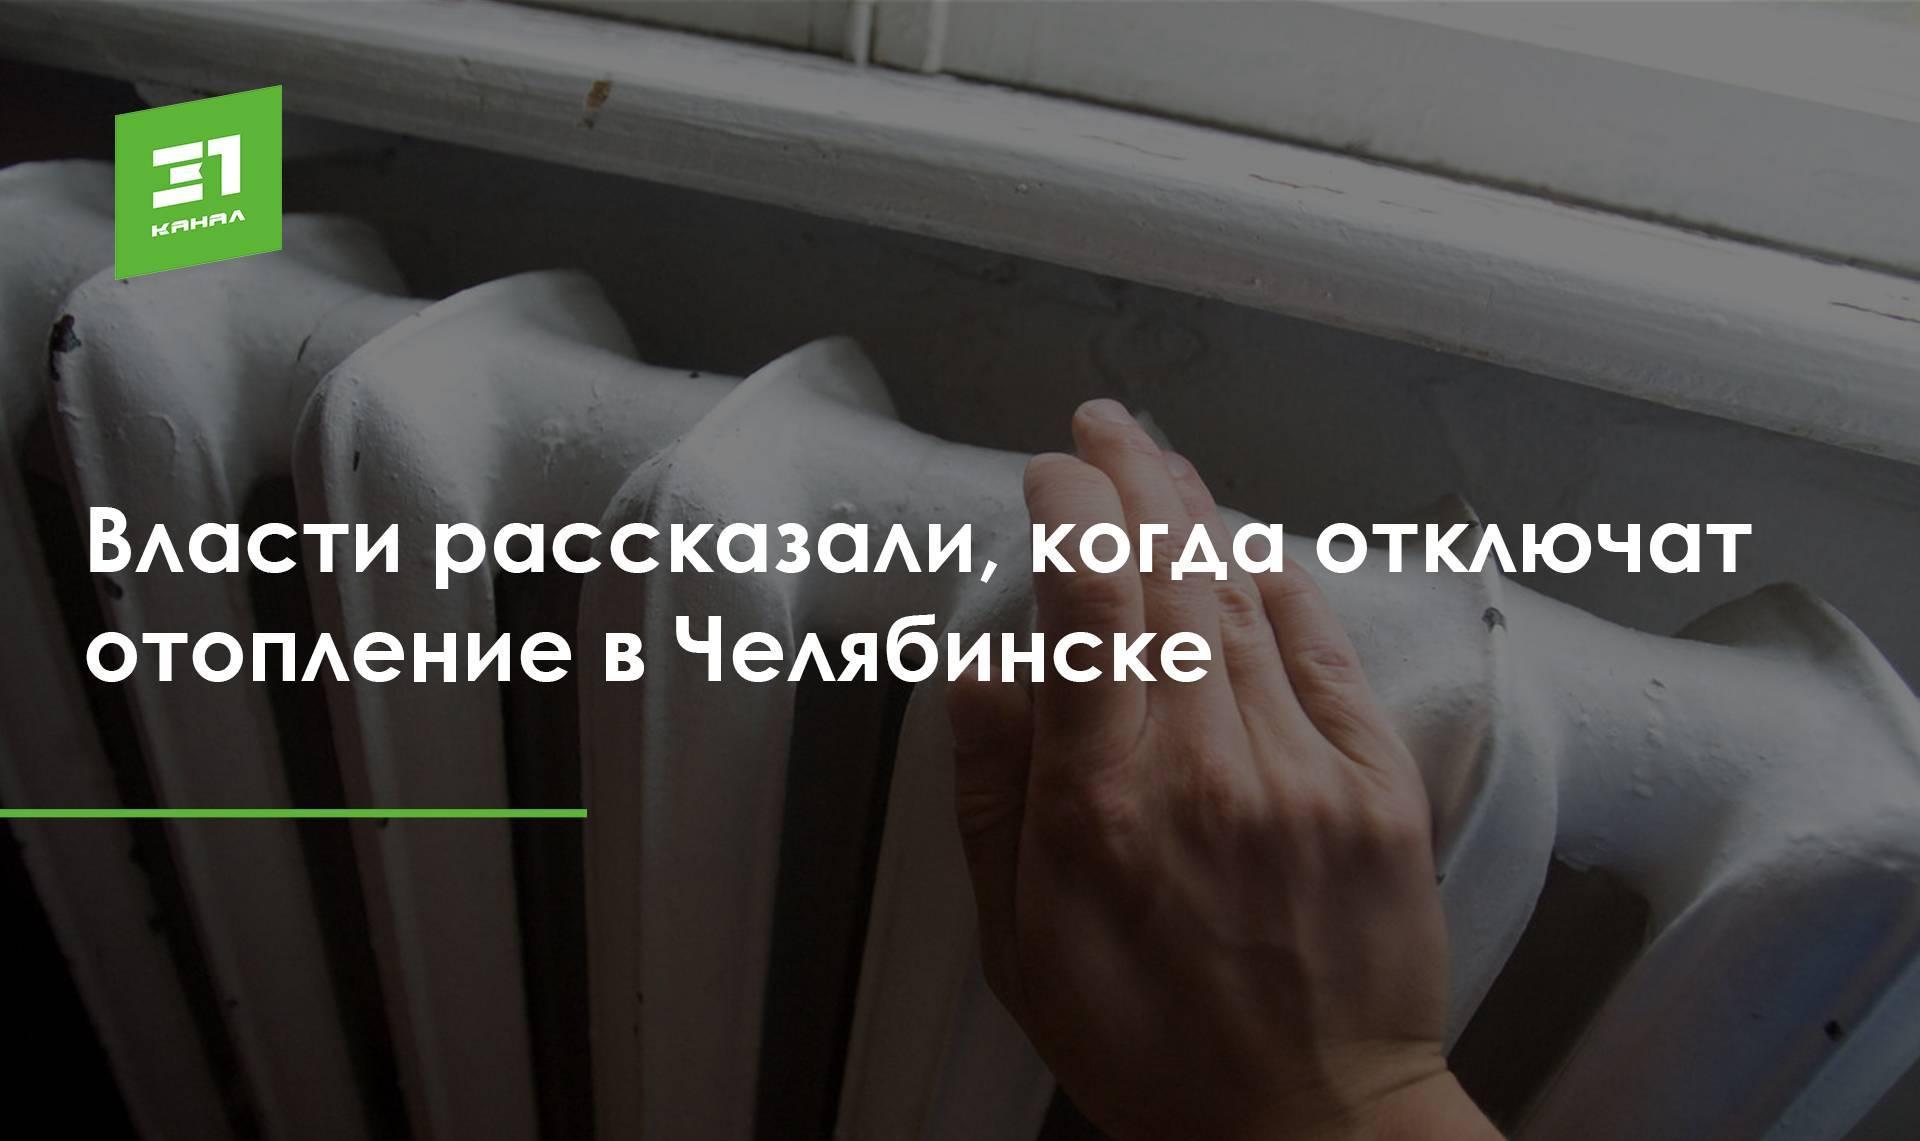 Отопление в москве 2020 когда включат — график по районам и адреса - readweb - актуальные новости дня